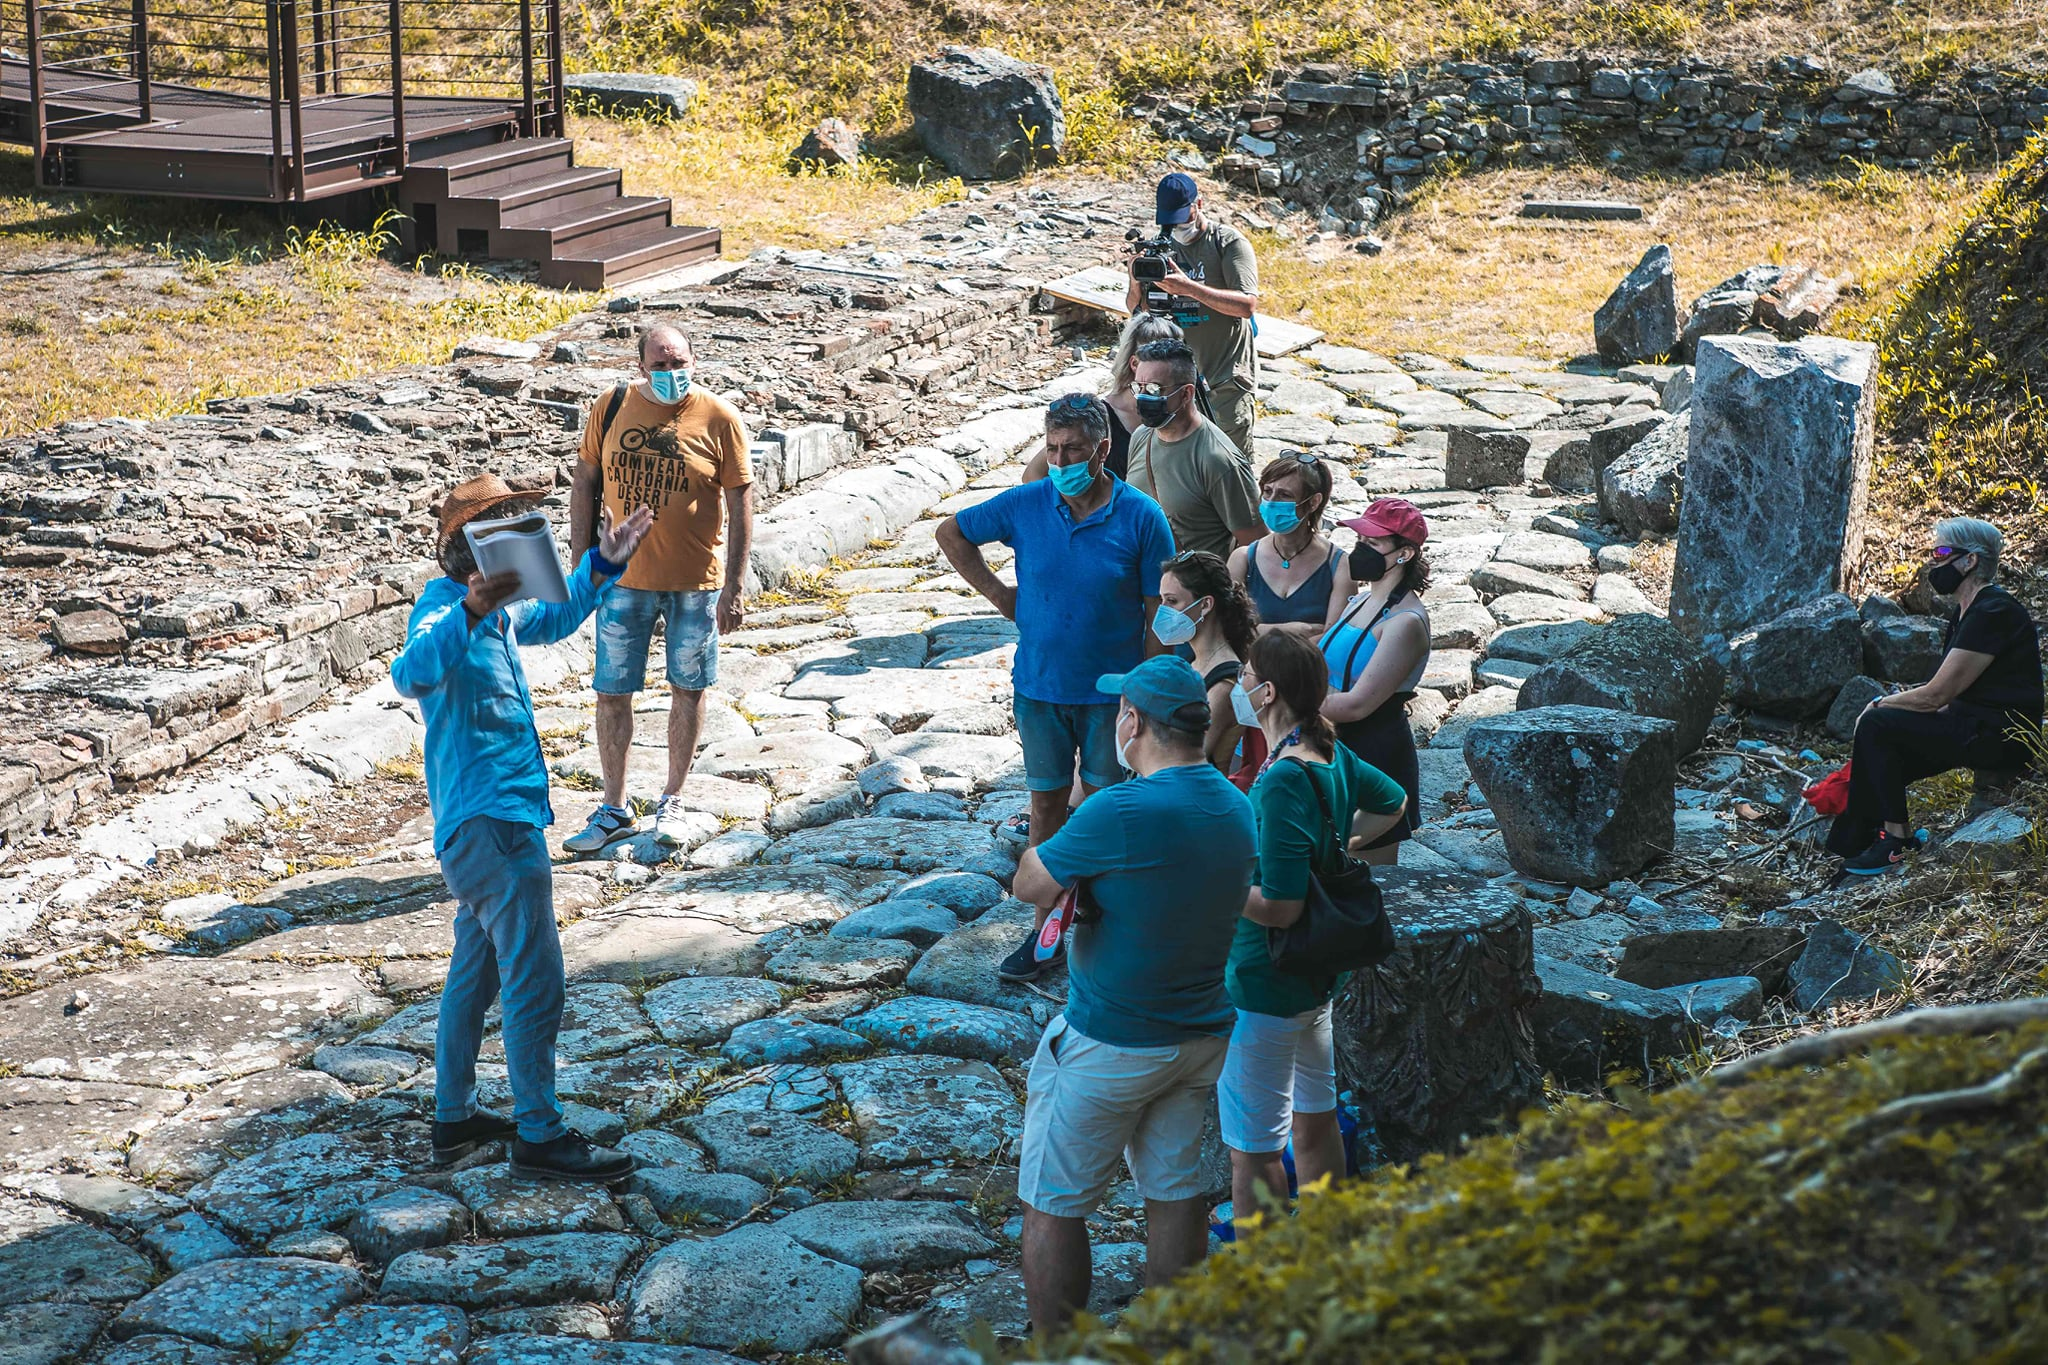 aquileia_fondazione_giornate-europee-patrimonio_open-day-aree-archeologiche_foto-fondazione-aquileia